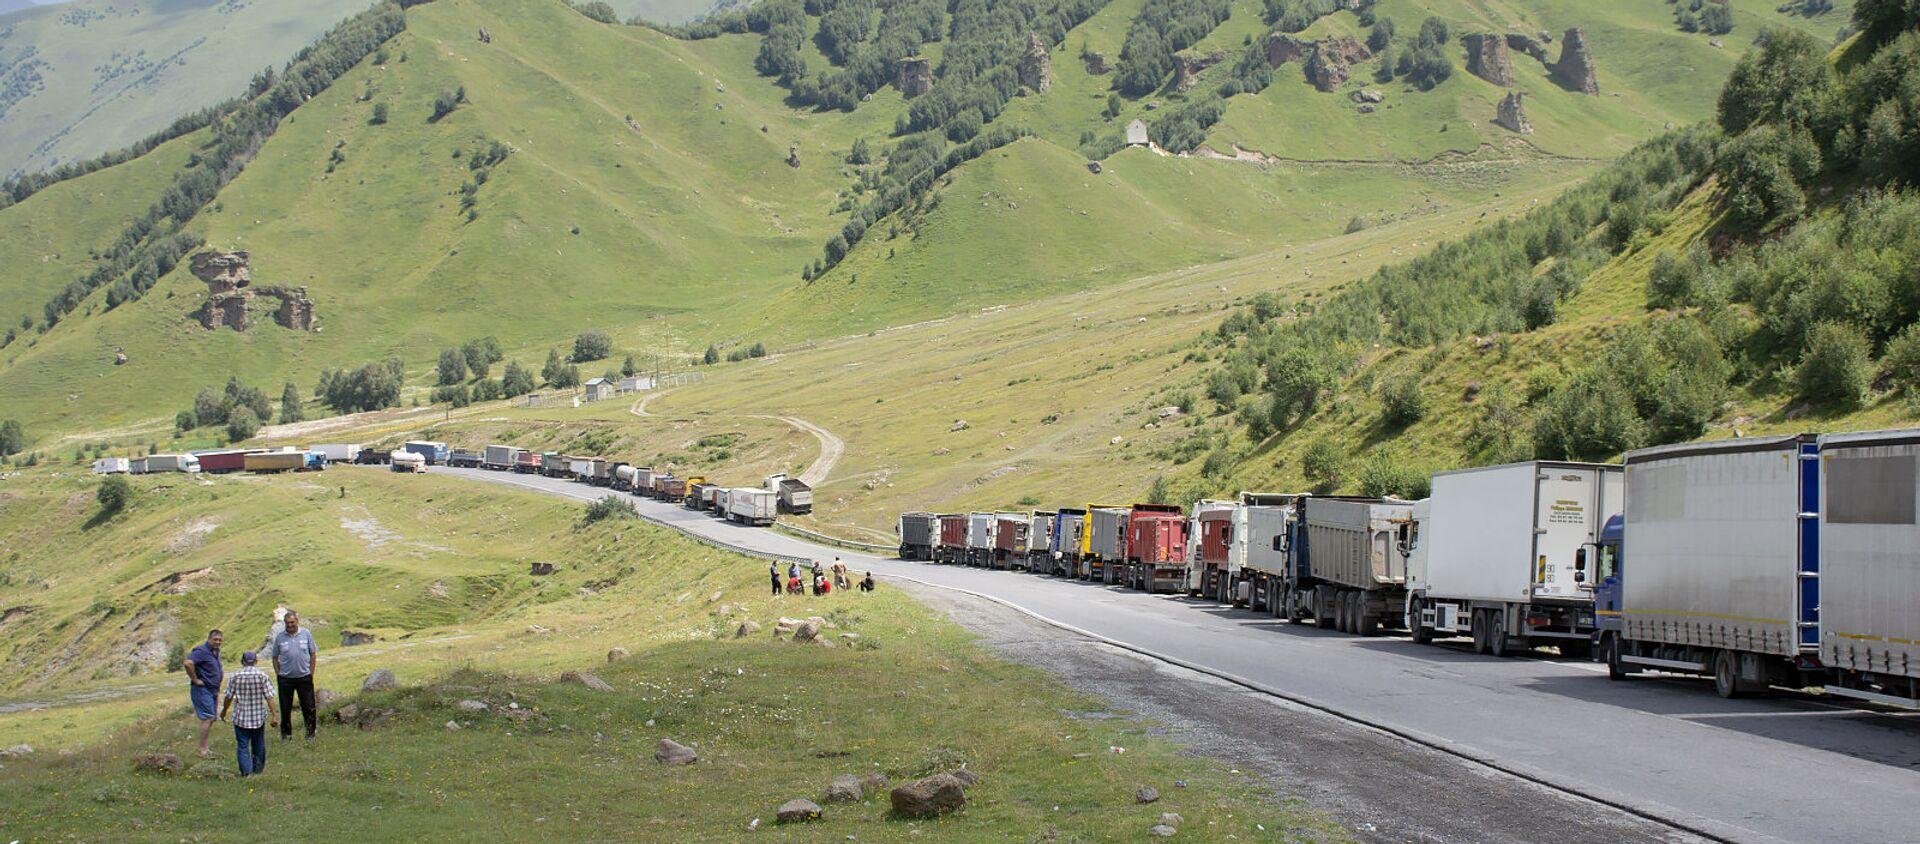 Многокилометровая очередь грузовиков на грузино-российской границе - Sputnik Армения, 1920, 24.08.2020